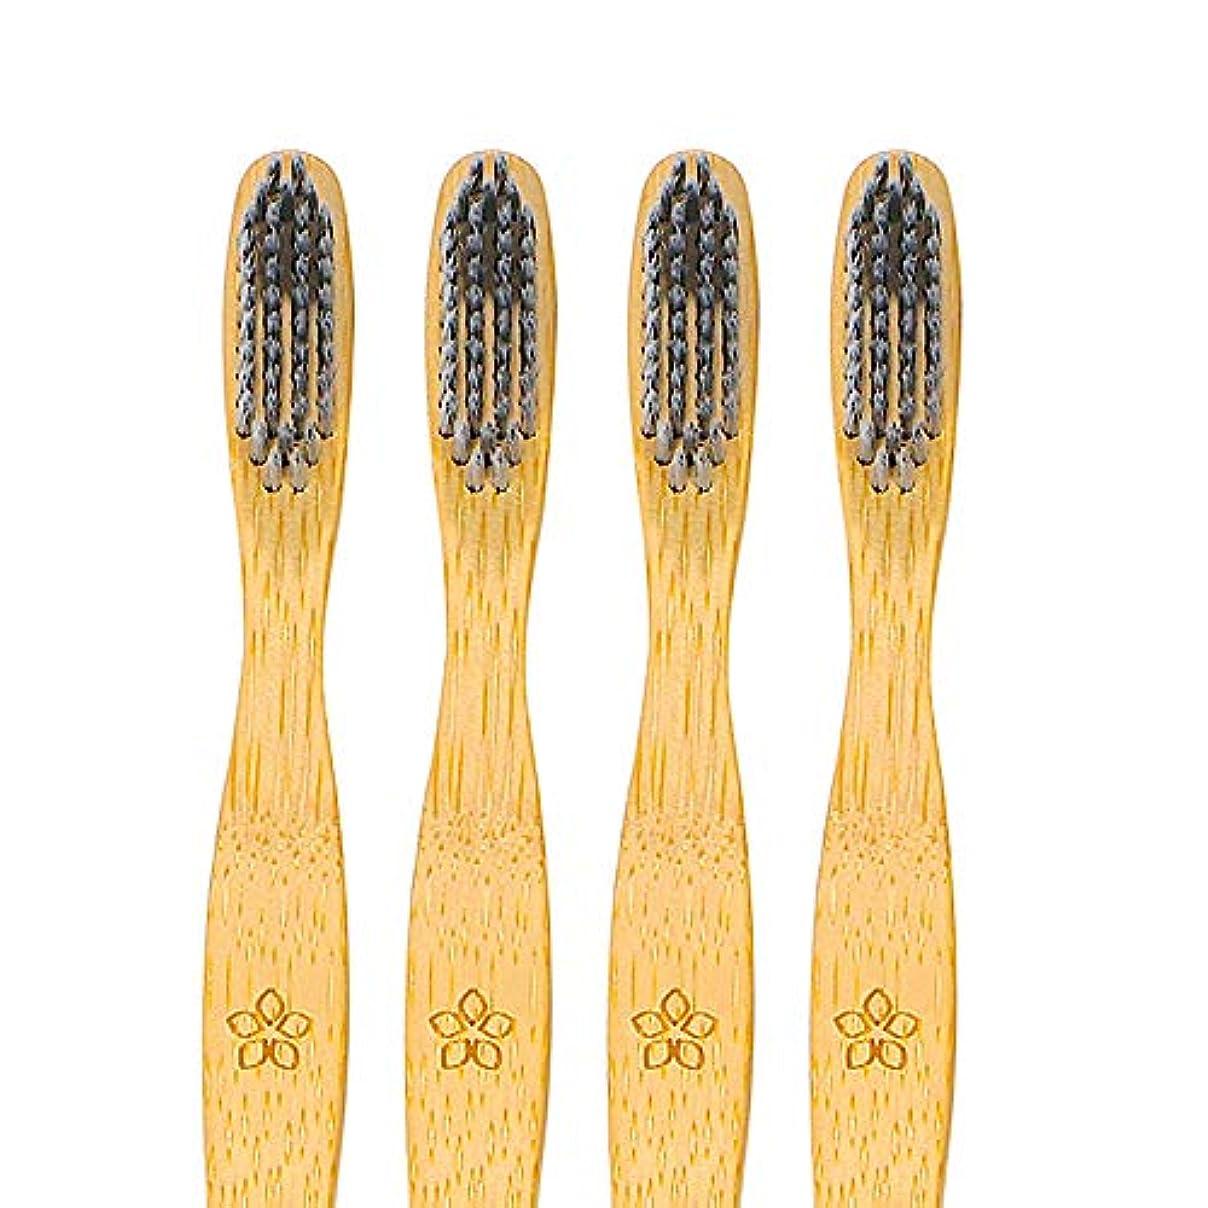 今晩ナビゲーション馬鹿竹の歯ブラシ やわらかめ 活性炭入り 極繊細毛 4本セット 100%生分解性  プラスチックフリー